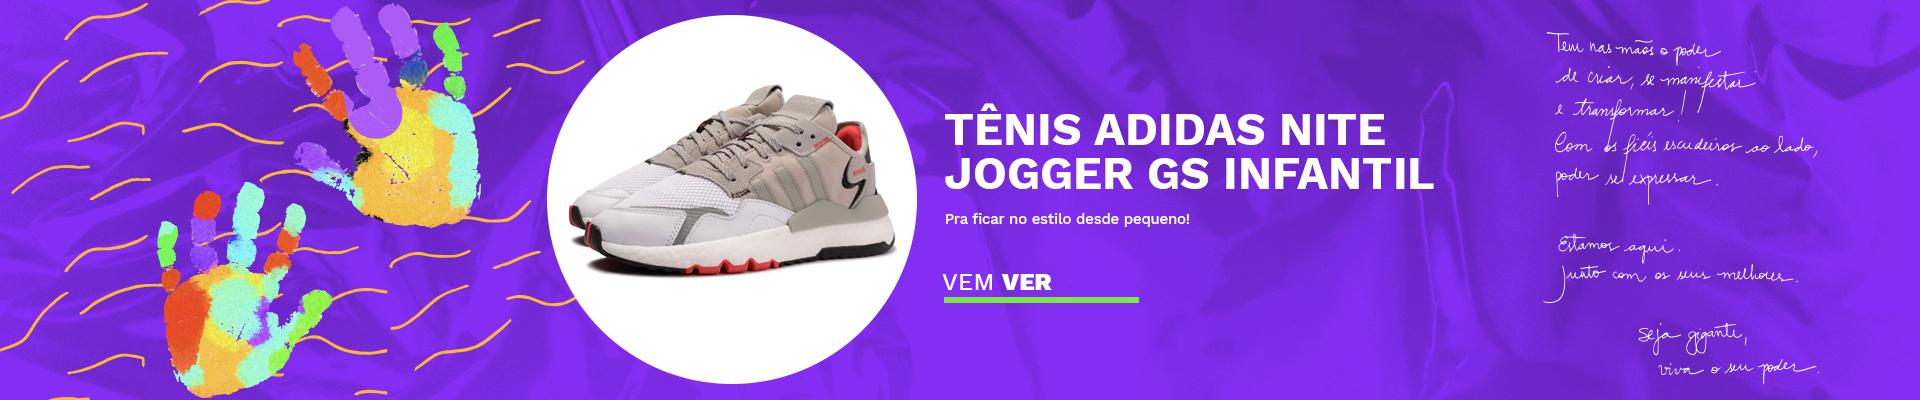 p2-adidas-nite-jogger